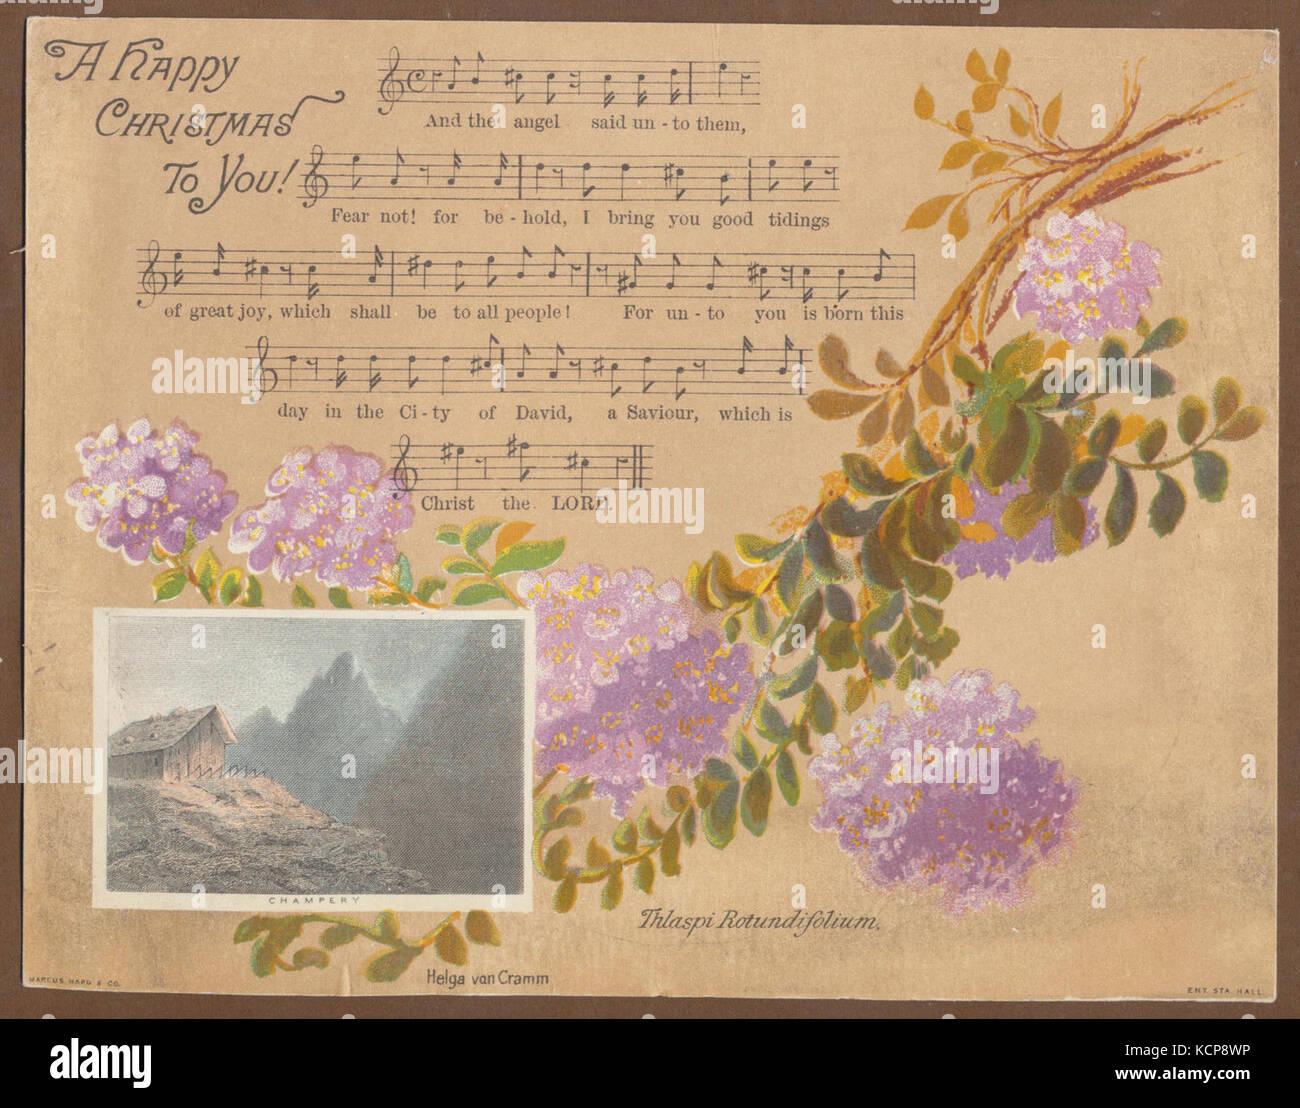 Helga von Cramm, Thlaspi Rotundifolium, published by Marcus Ward & Co., Champery. Chromolithographic Christmas - Stock Image